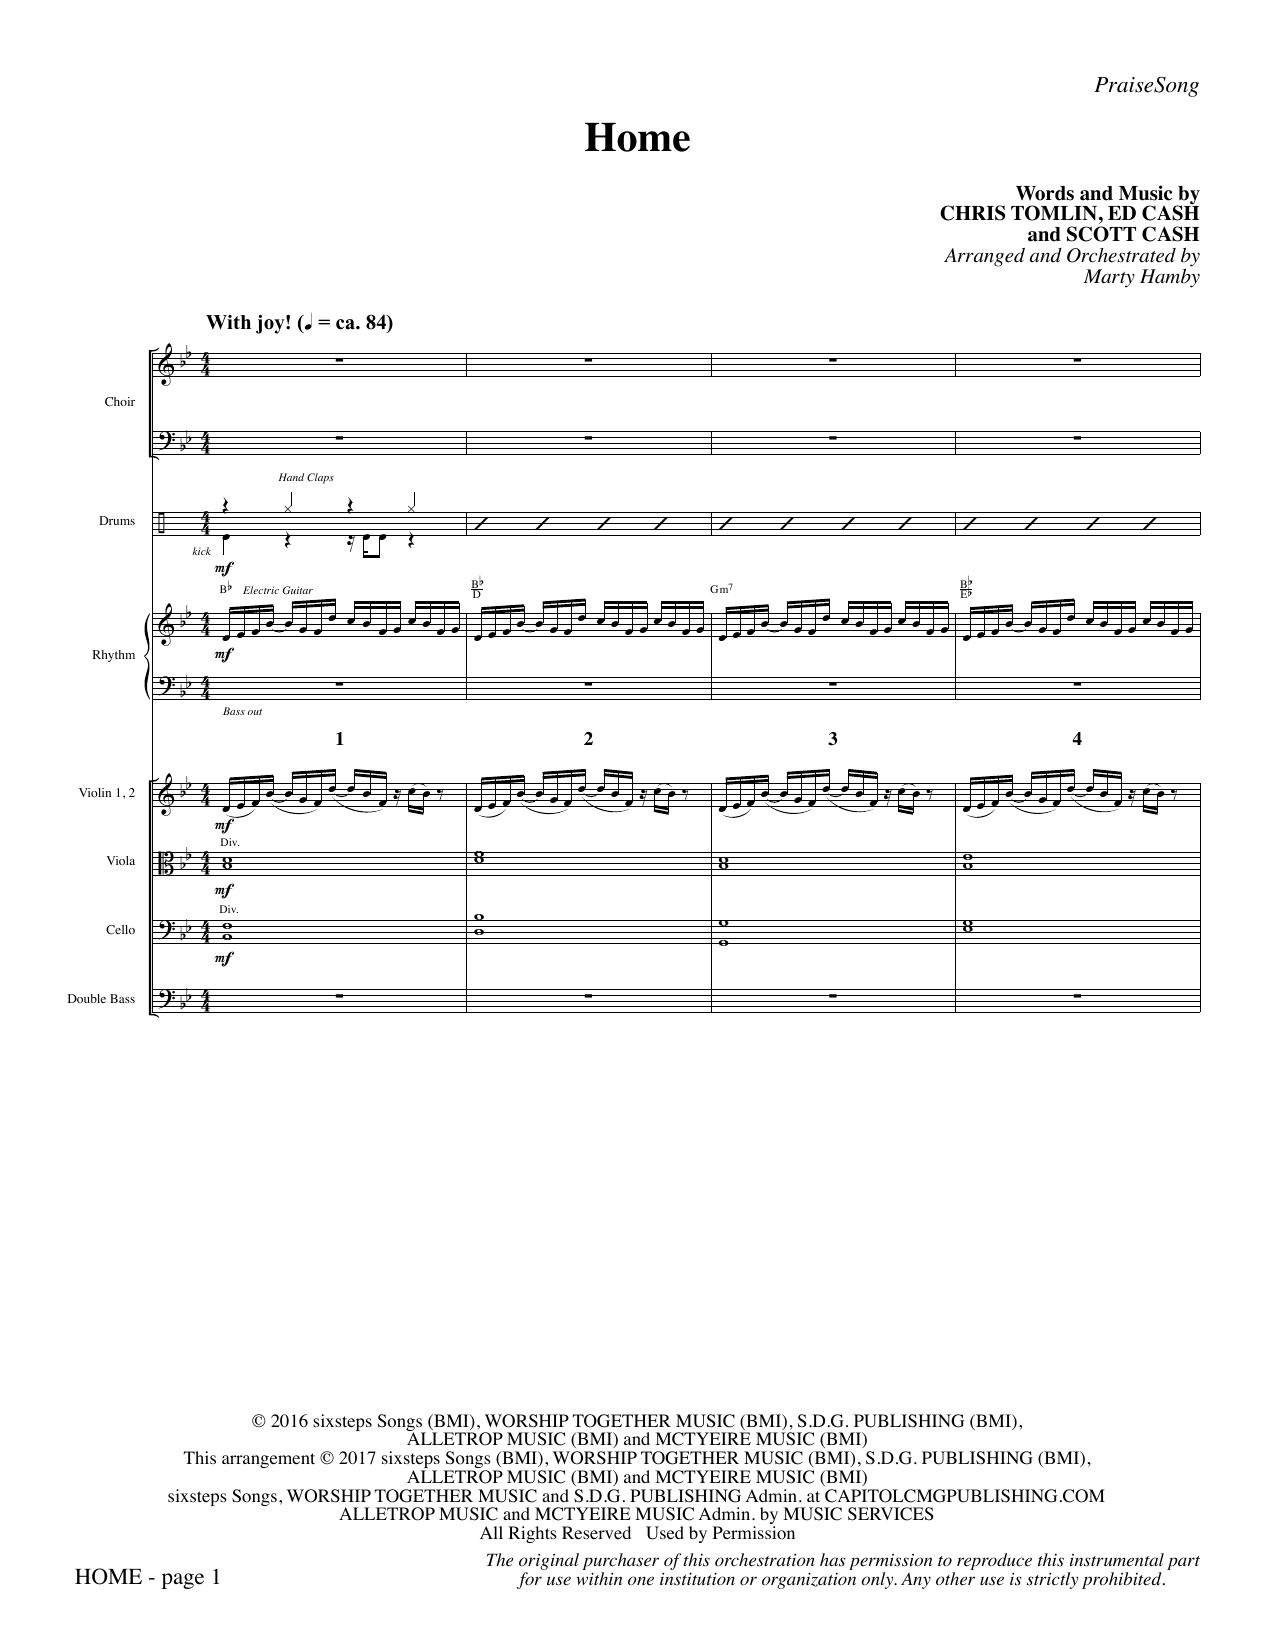 Chris Tomlin - Home - Full Score